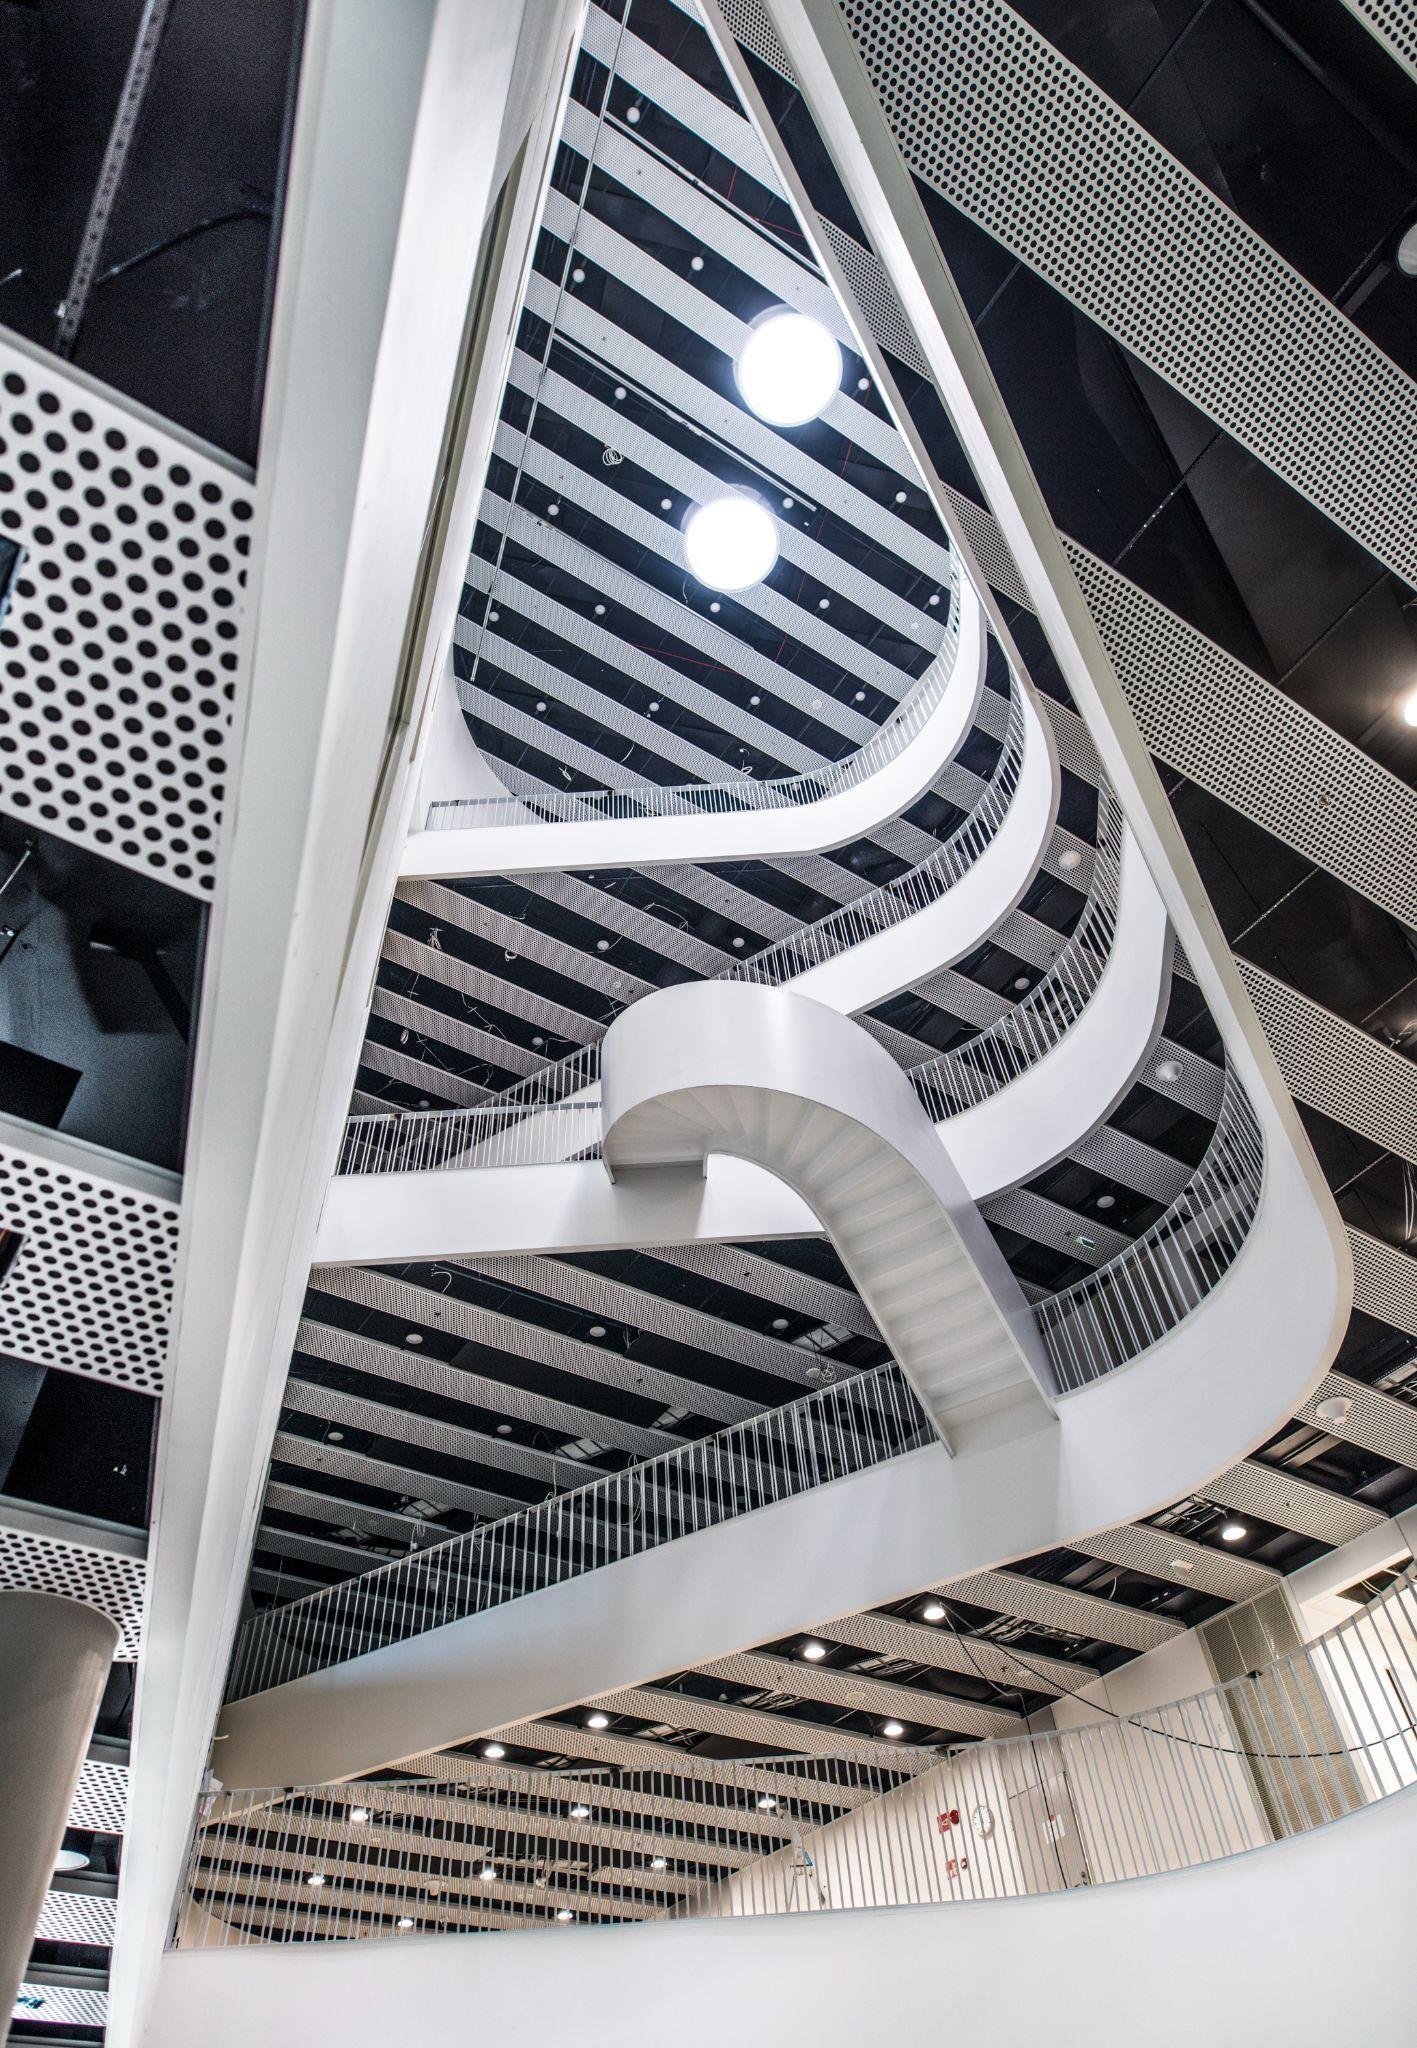 Myllypuron kampuksen kuvatuin kohta on A-talon valokuilu. Kuvassa keskellä näkyvä kiekura on kolmannen ja neljännen kerroksen yhdistävät portaat. Kuva: Metropolian kuvapankki